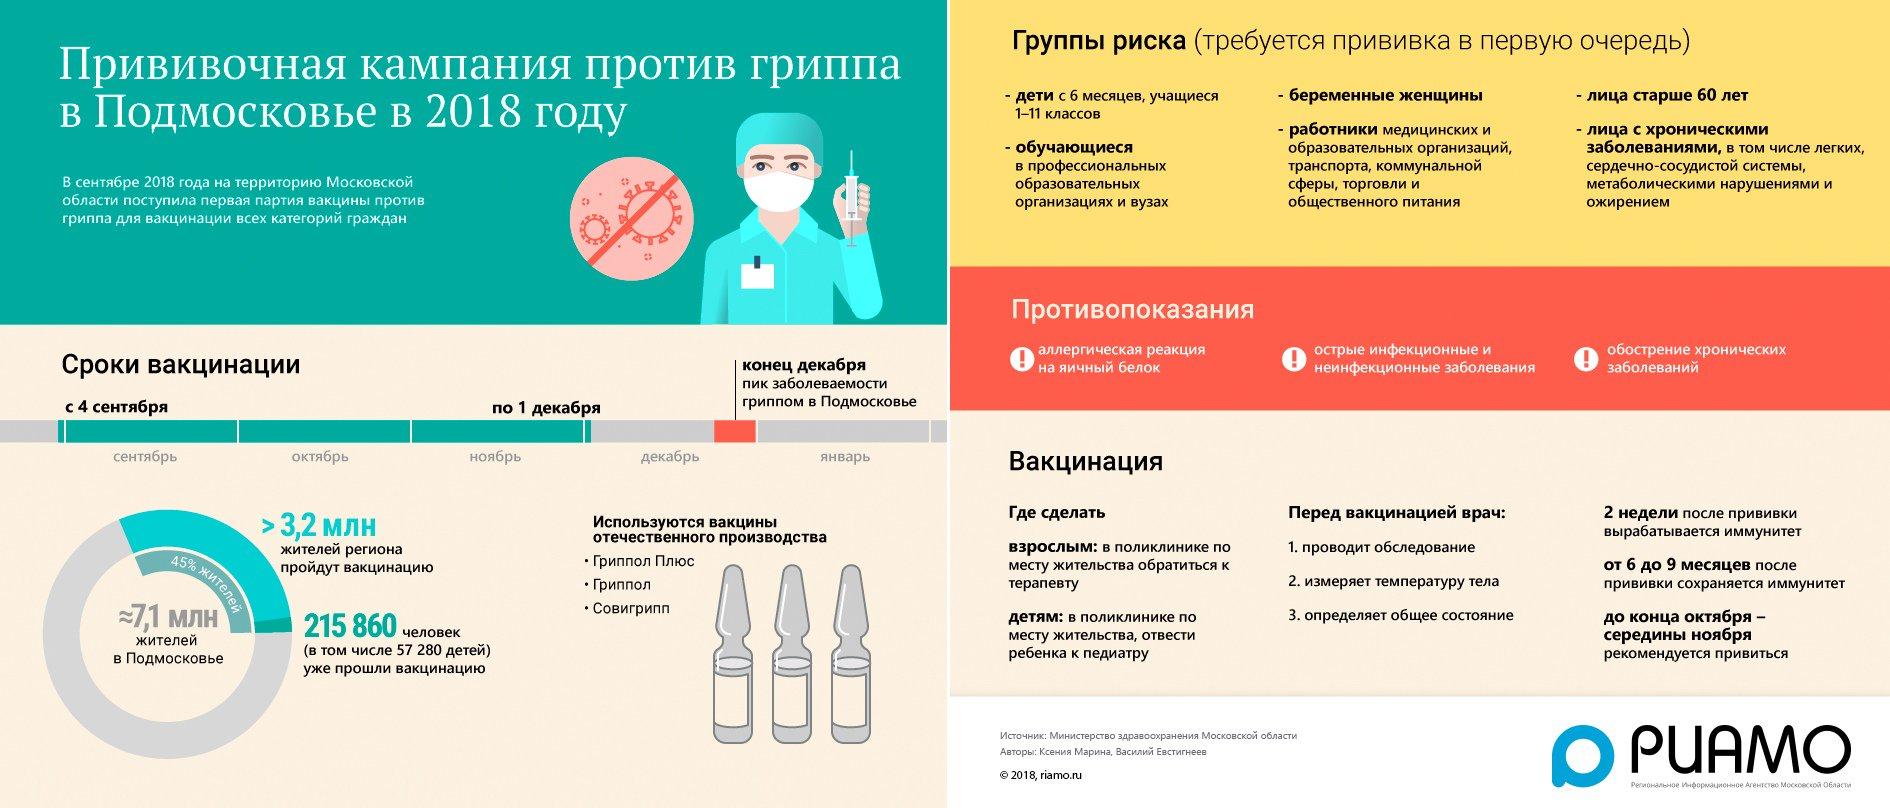 Побочные эффекты от прививки гриппа осложнения отзывы